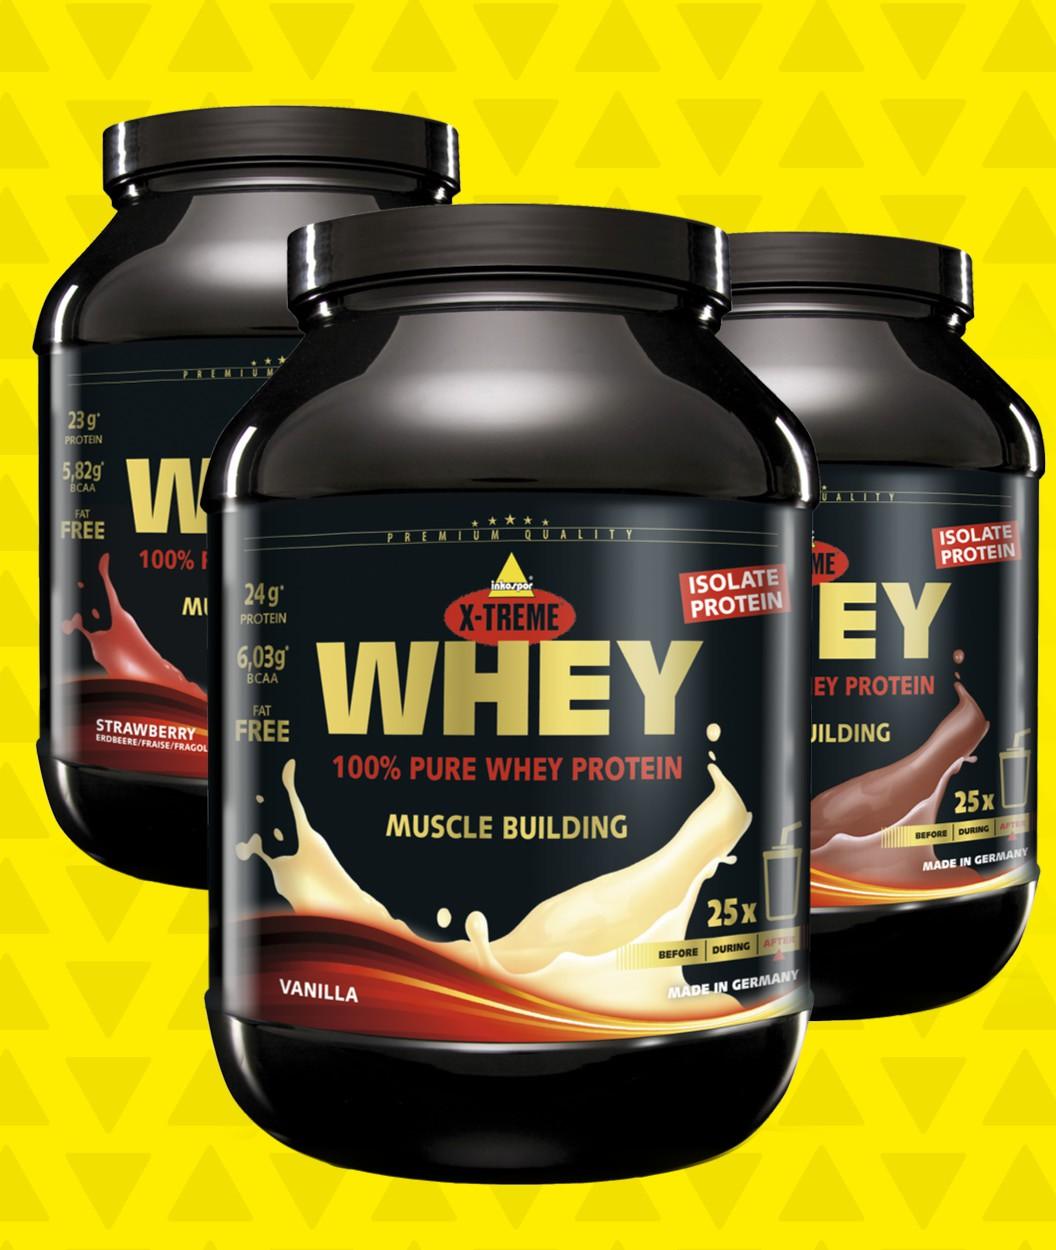 X-TREME Whey Protein - von inkospor®